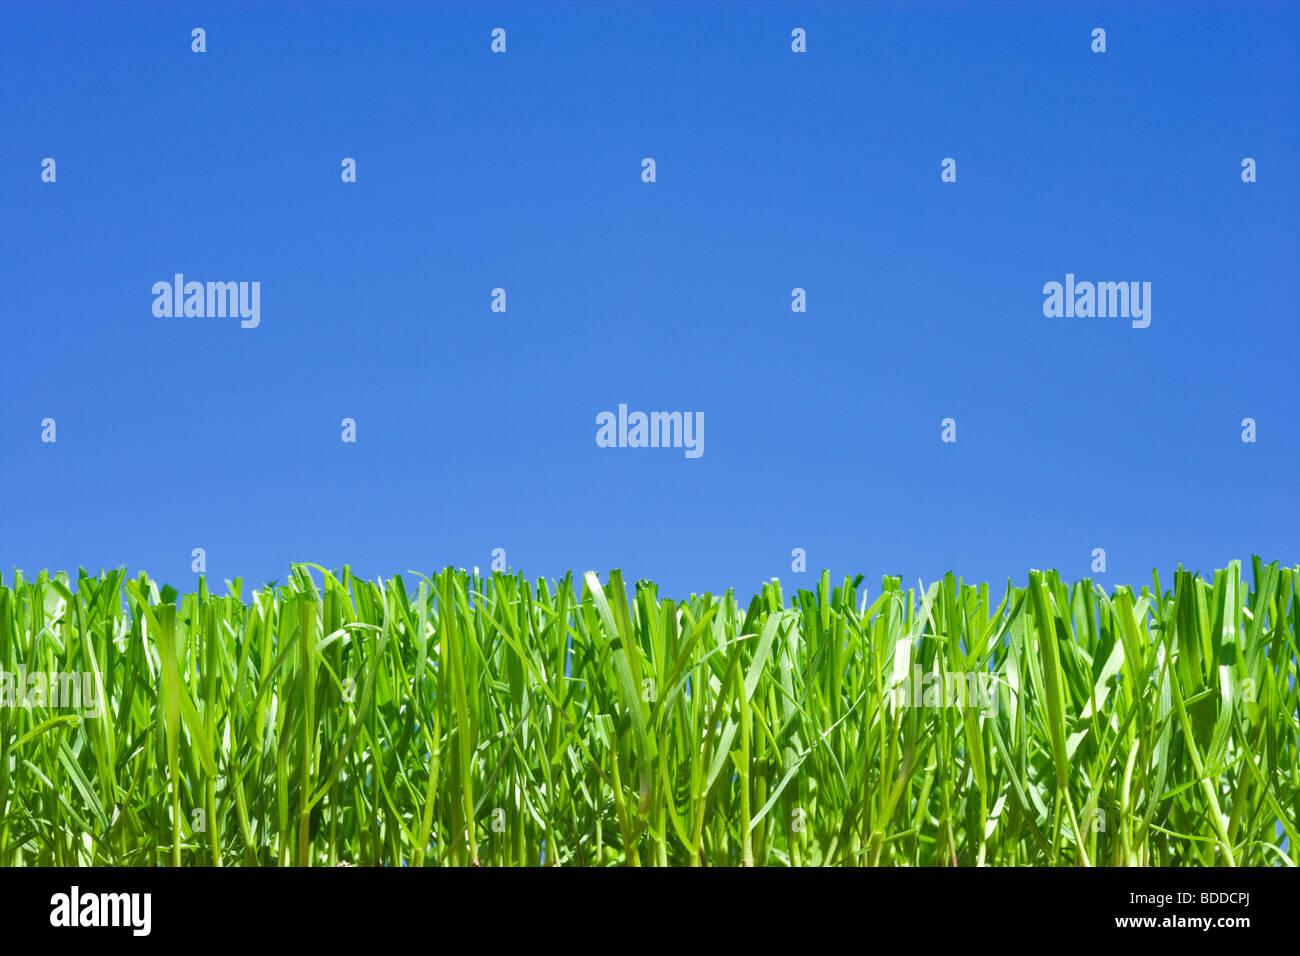 Il taglio di erba, angolazione bassa pianura contro il cielo blu Immagini Stock